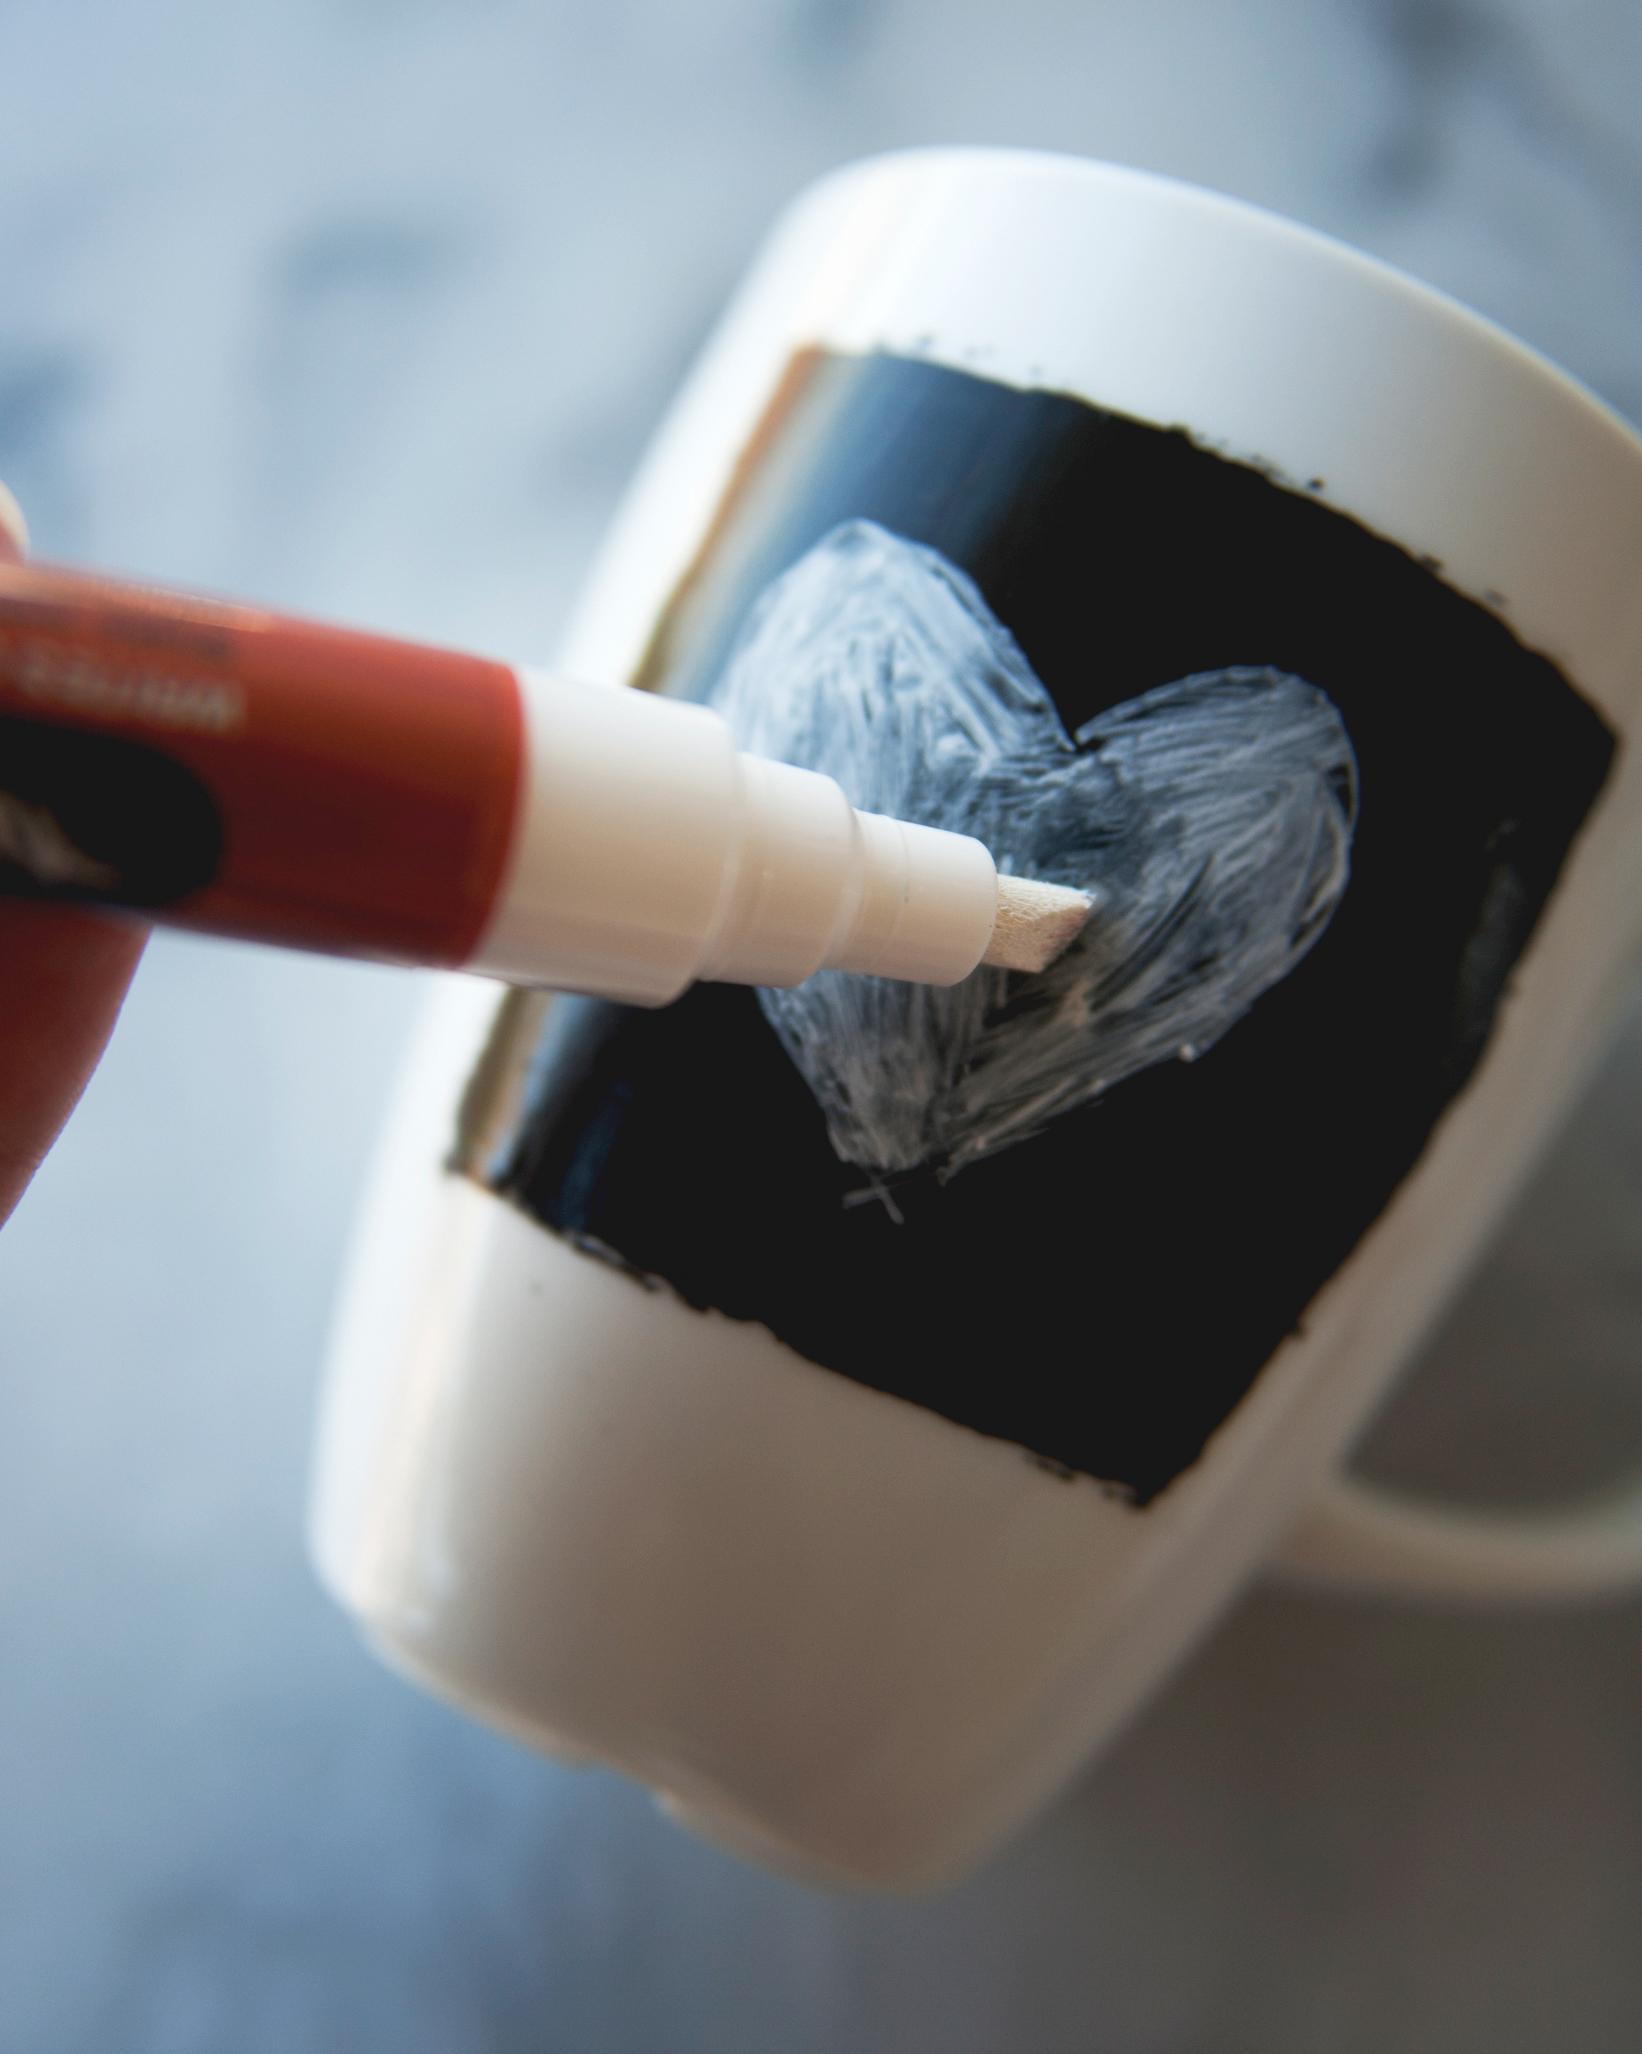 claire-thomas-bridal-shower-tea-diy-coffee-mug-chalk-drawing-0814.jpg